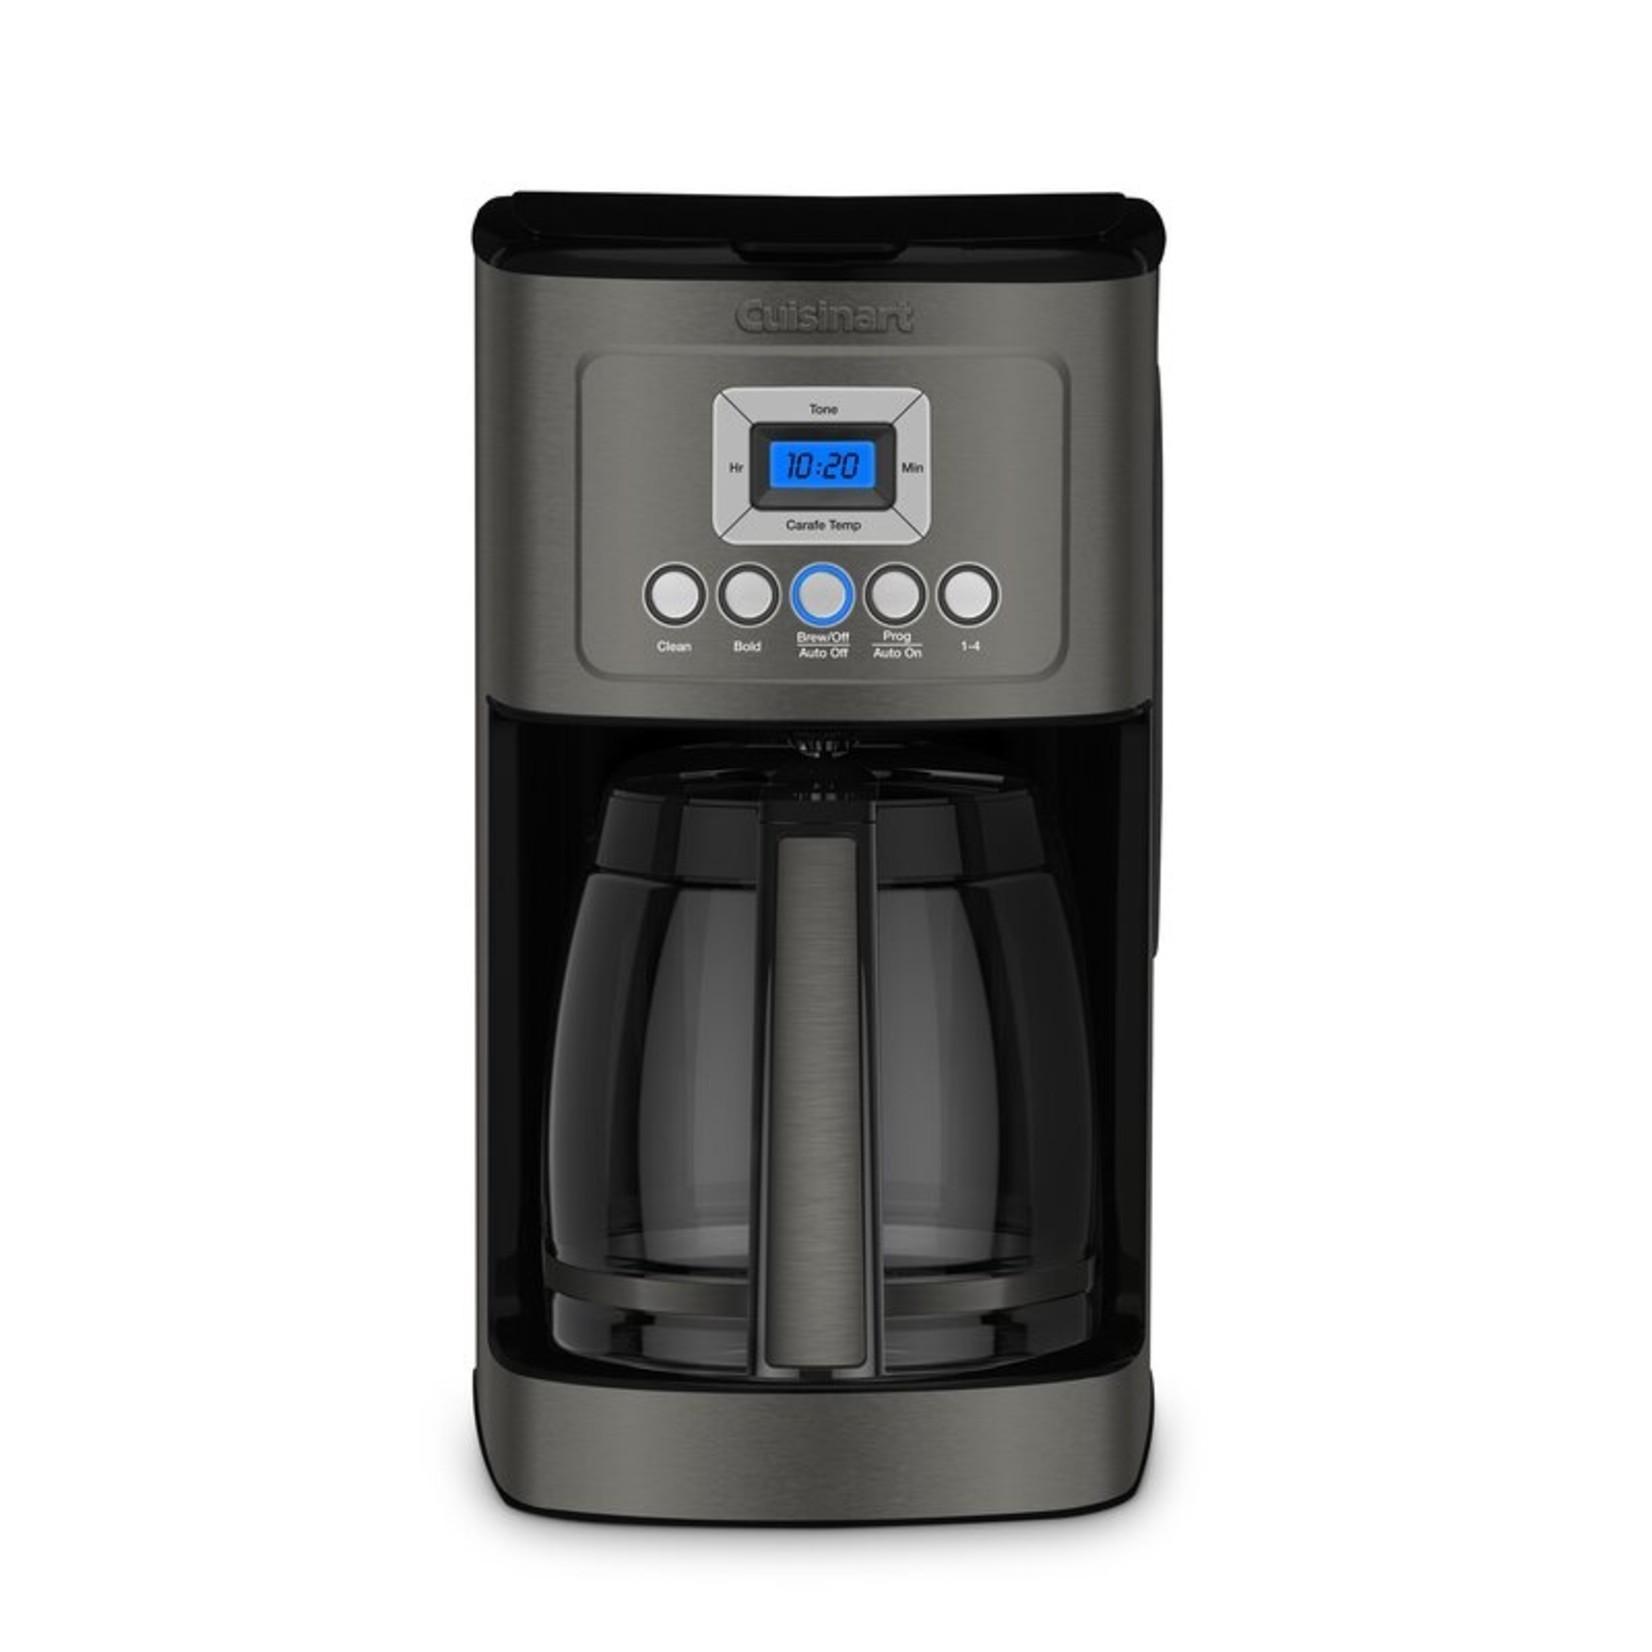 *Cuisinart 14 Cup Programmable Coffeemaker - Black